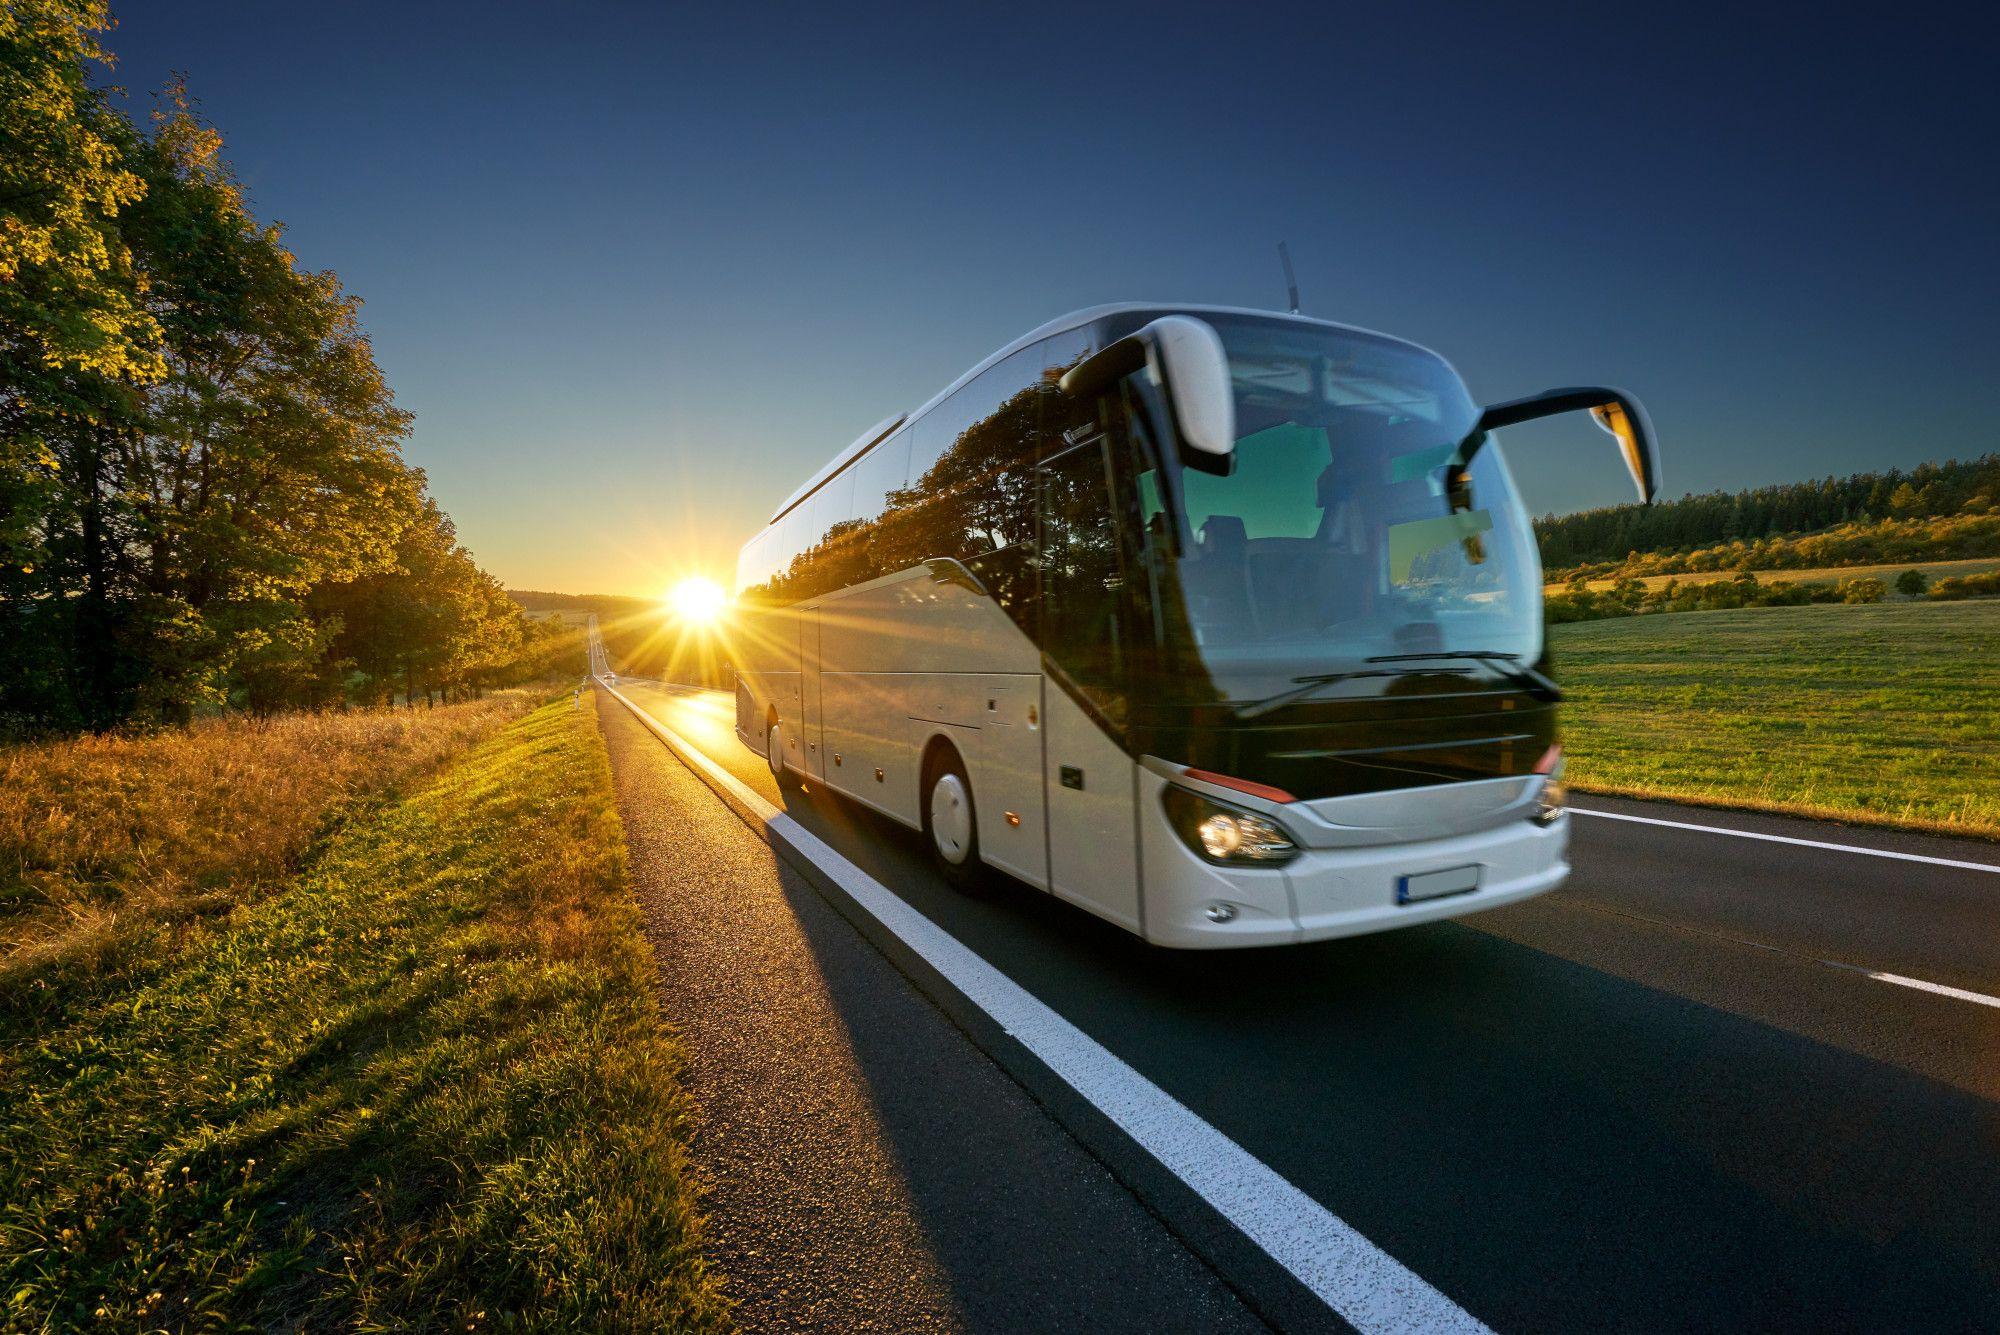 viajes-en-autocar 3427